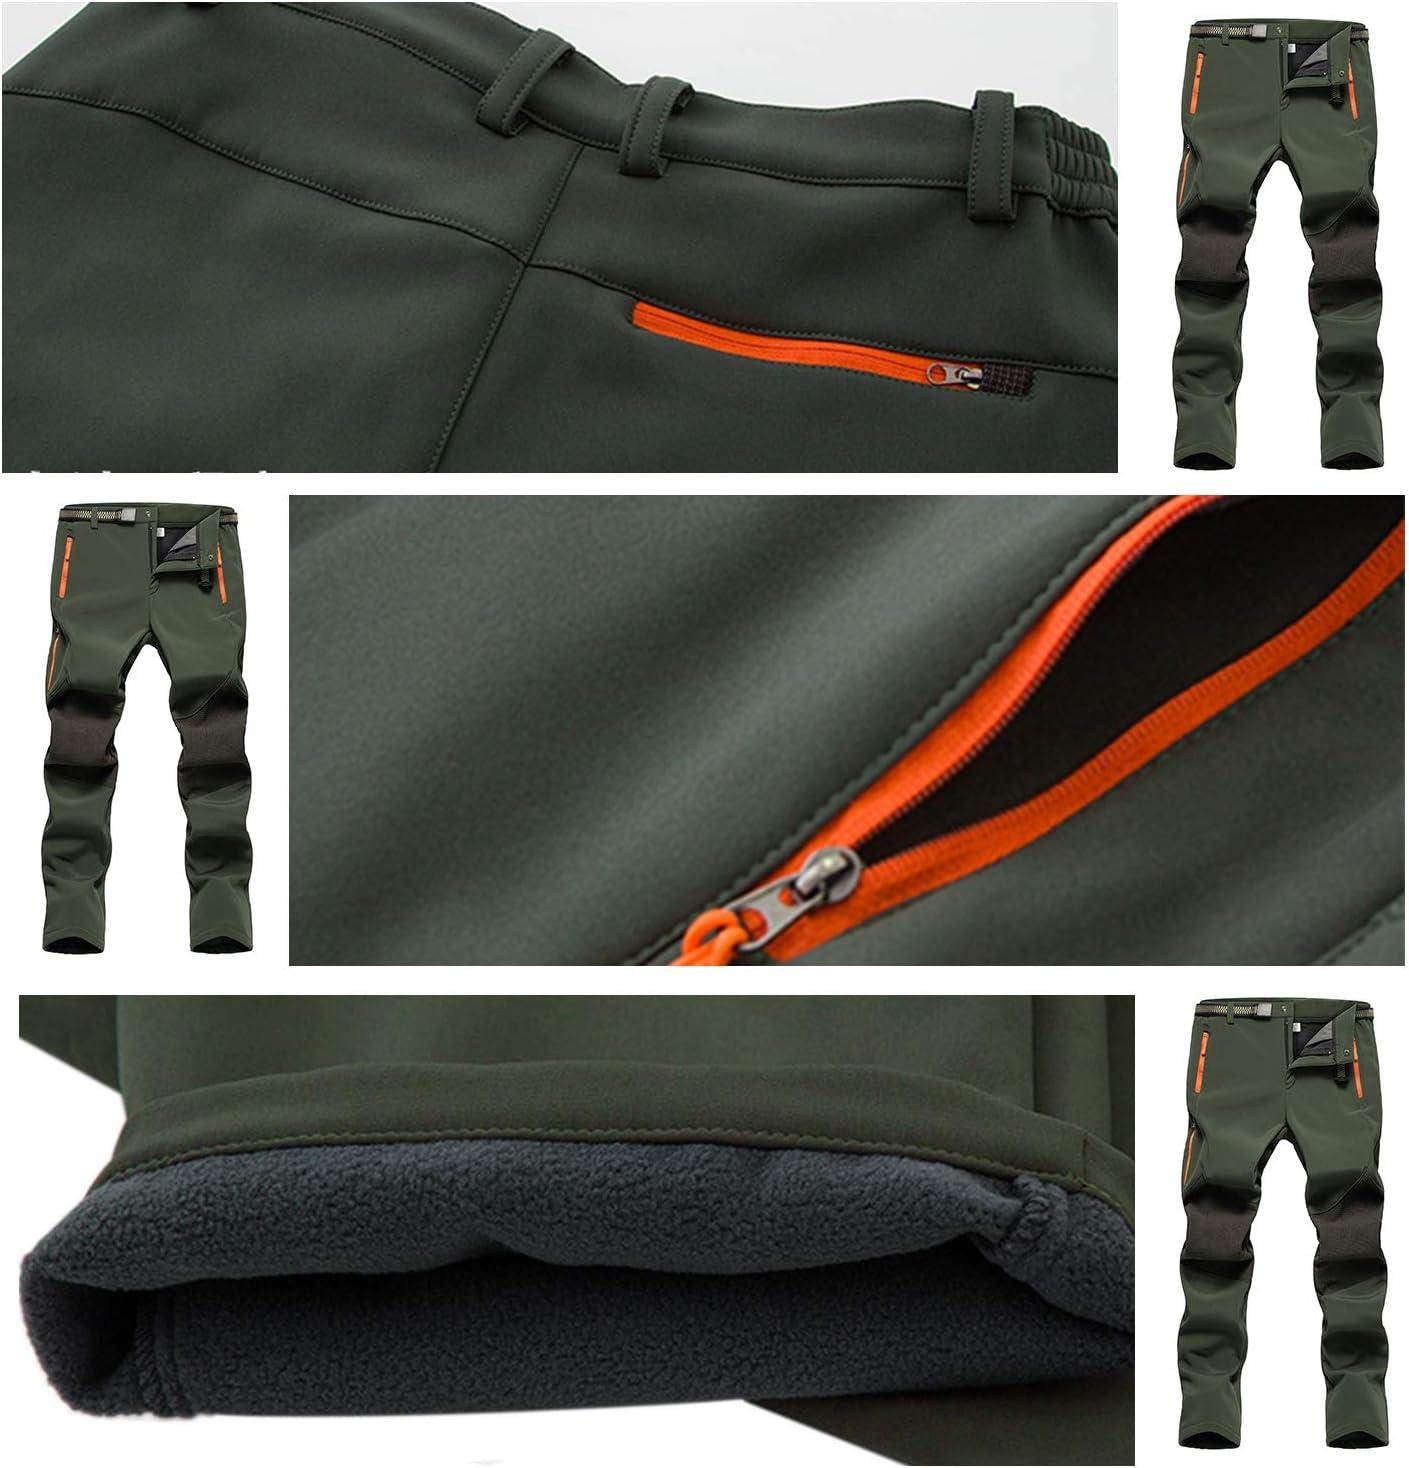 Naudamp Pantalones Softshell para Hombre Pantalones de Escalada Forrada de vell/ón de Secado r/ápido Pantalones de Deporte de esqu/í para Caminar al Aire Libre c/álidos para Invierno//oto/ño//Primavera